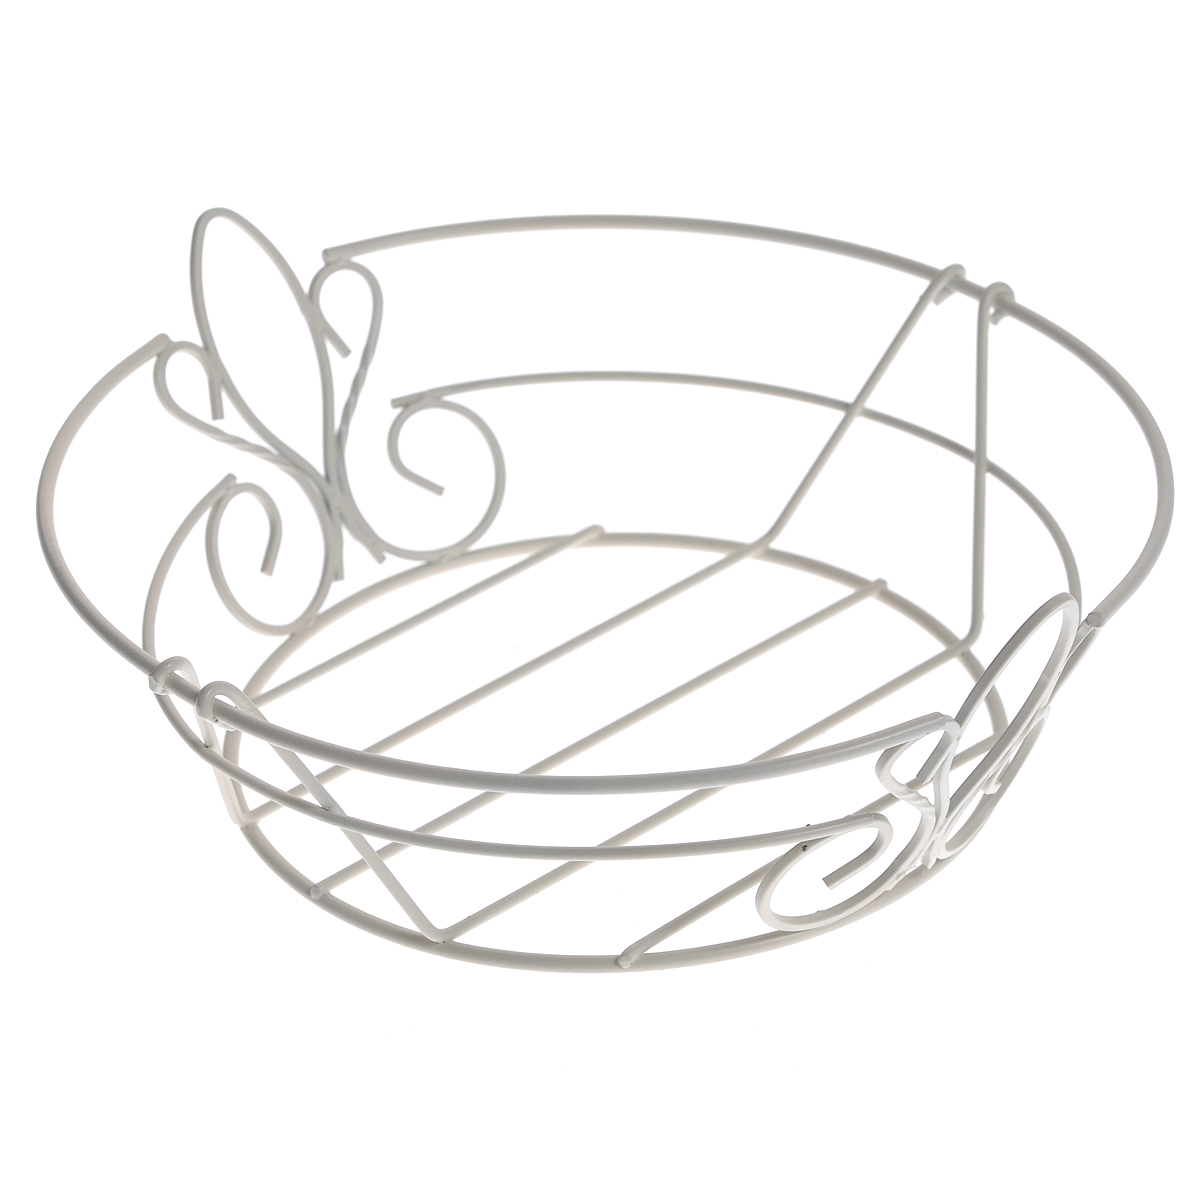 Фруктовница De Lis, цвет: белый0508284Современный дизайн фруктовницы De Lis, изготовленной из стали цвета, идеально впишется в интерьер современной кухни. Фруктовница выполнена в виде чаши, стенки которой состоят из металлических прутьев составляющих красивый узор.Оригинальный дизайн фруктовницы обеспечит эффектную подачу к столу фруктов, выпечки и десерта, подчеркнет торжественность праздника.Рекомендуется мыть вручную. Характеристики:Материал:сталь. Размер: 26 см х 24 см х 9 см. Размер упаковки: 27 см х 26,5 см х 9 см. Производитель: Великобритания. Артикул:0508284.